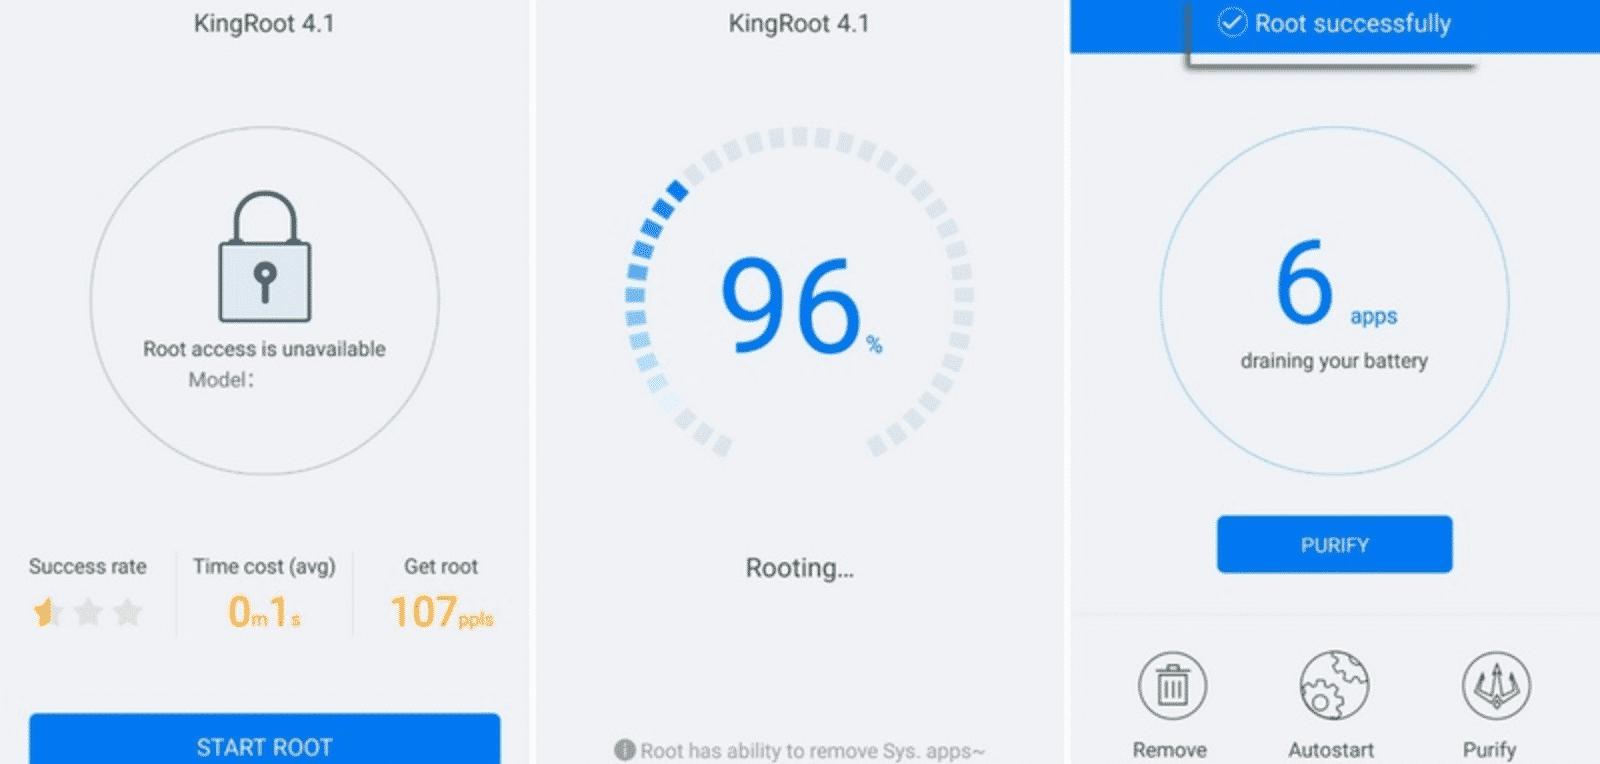 Setelah-menginstal-kingroot-buka-aplikasi-dan-tab-tombol-biru-dengan-tulisan-Start-Root